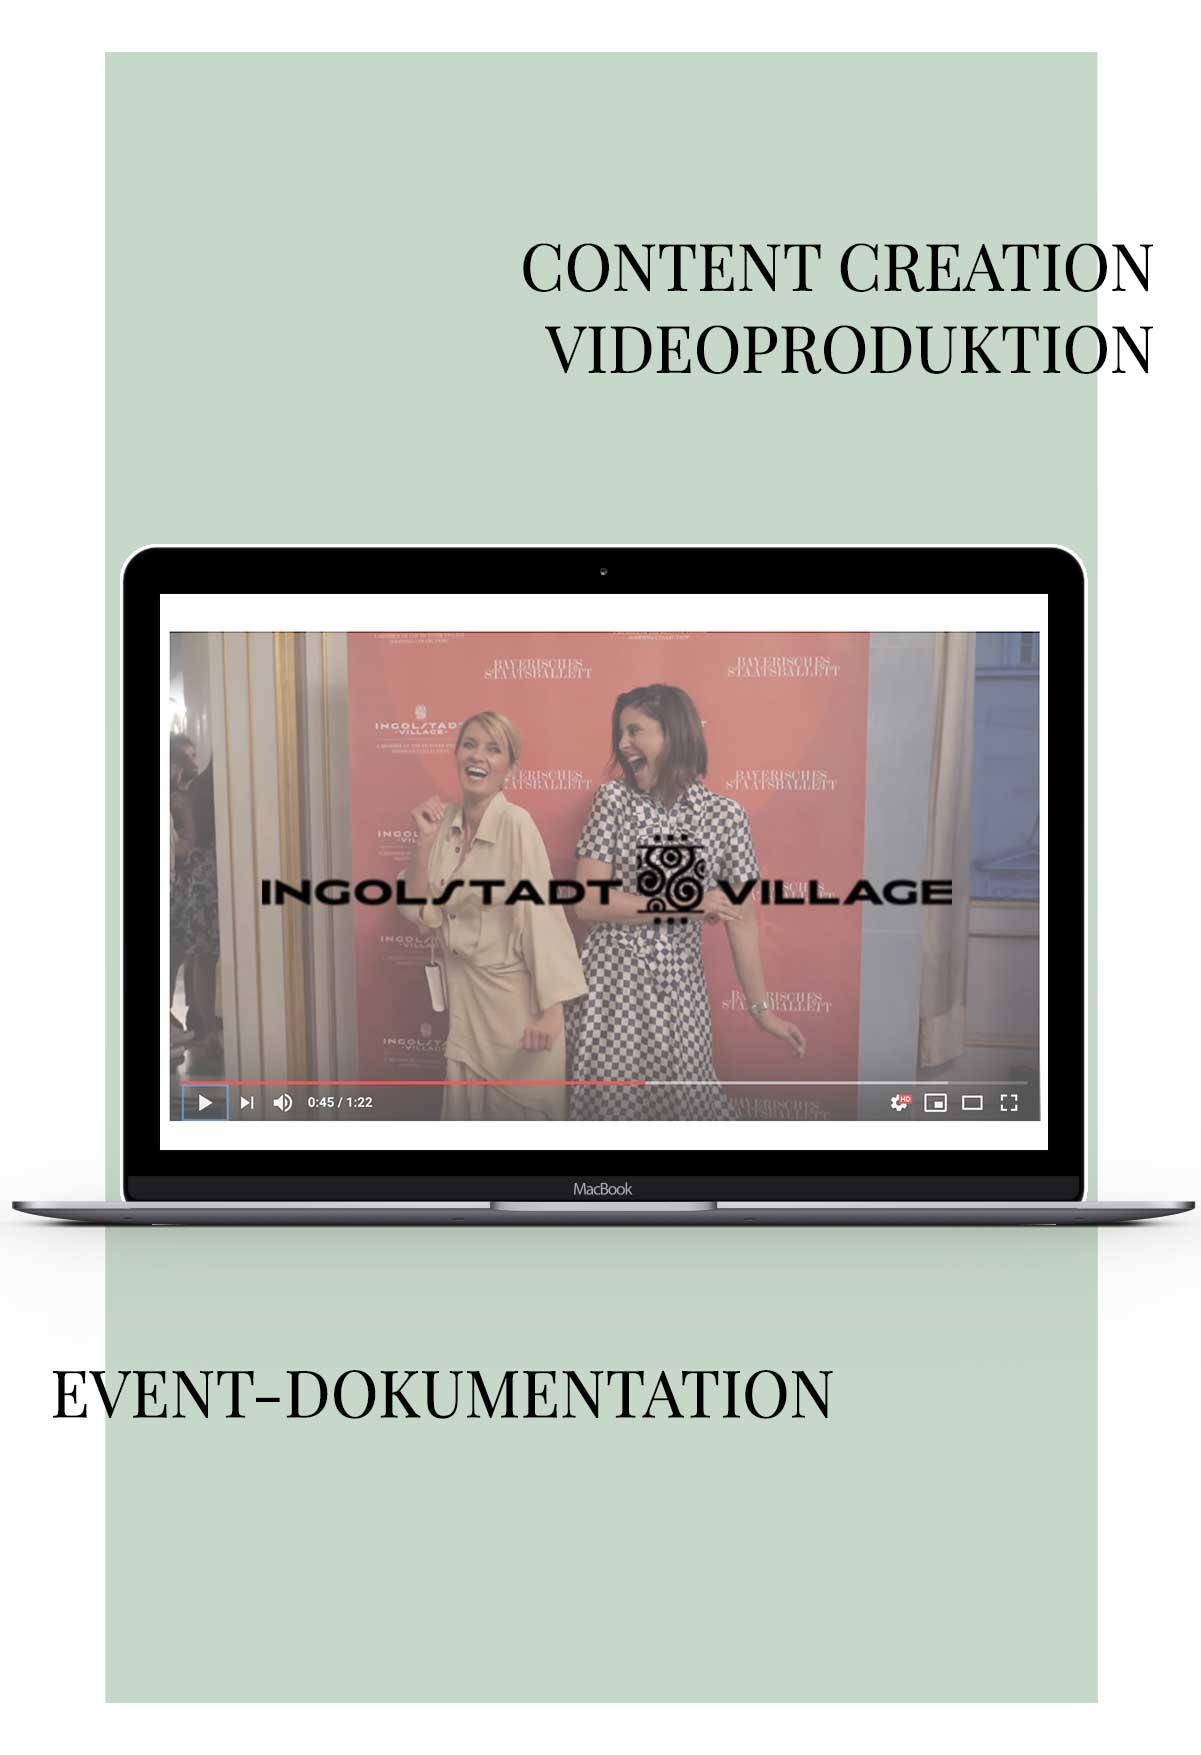 Videoproduktion für Ingolstadt Village für Social Media